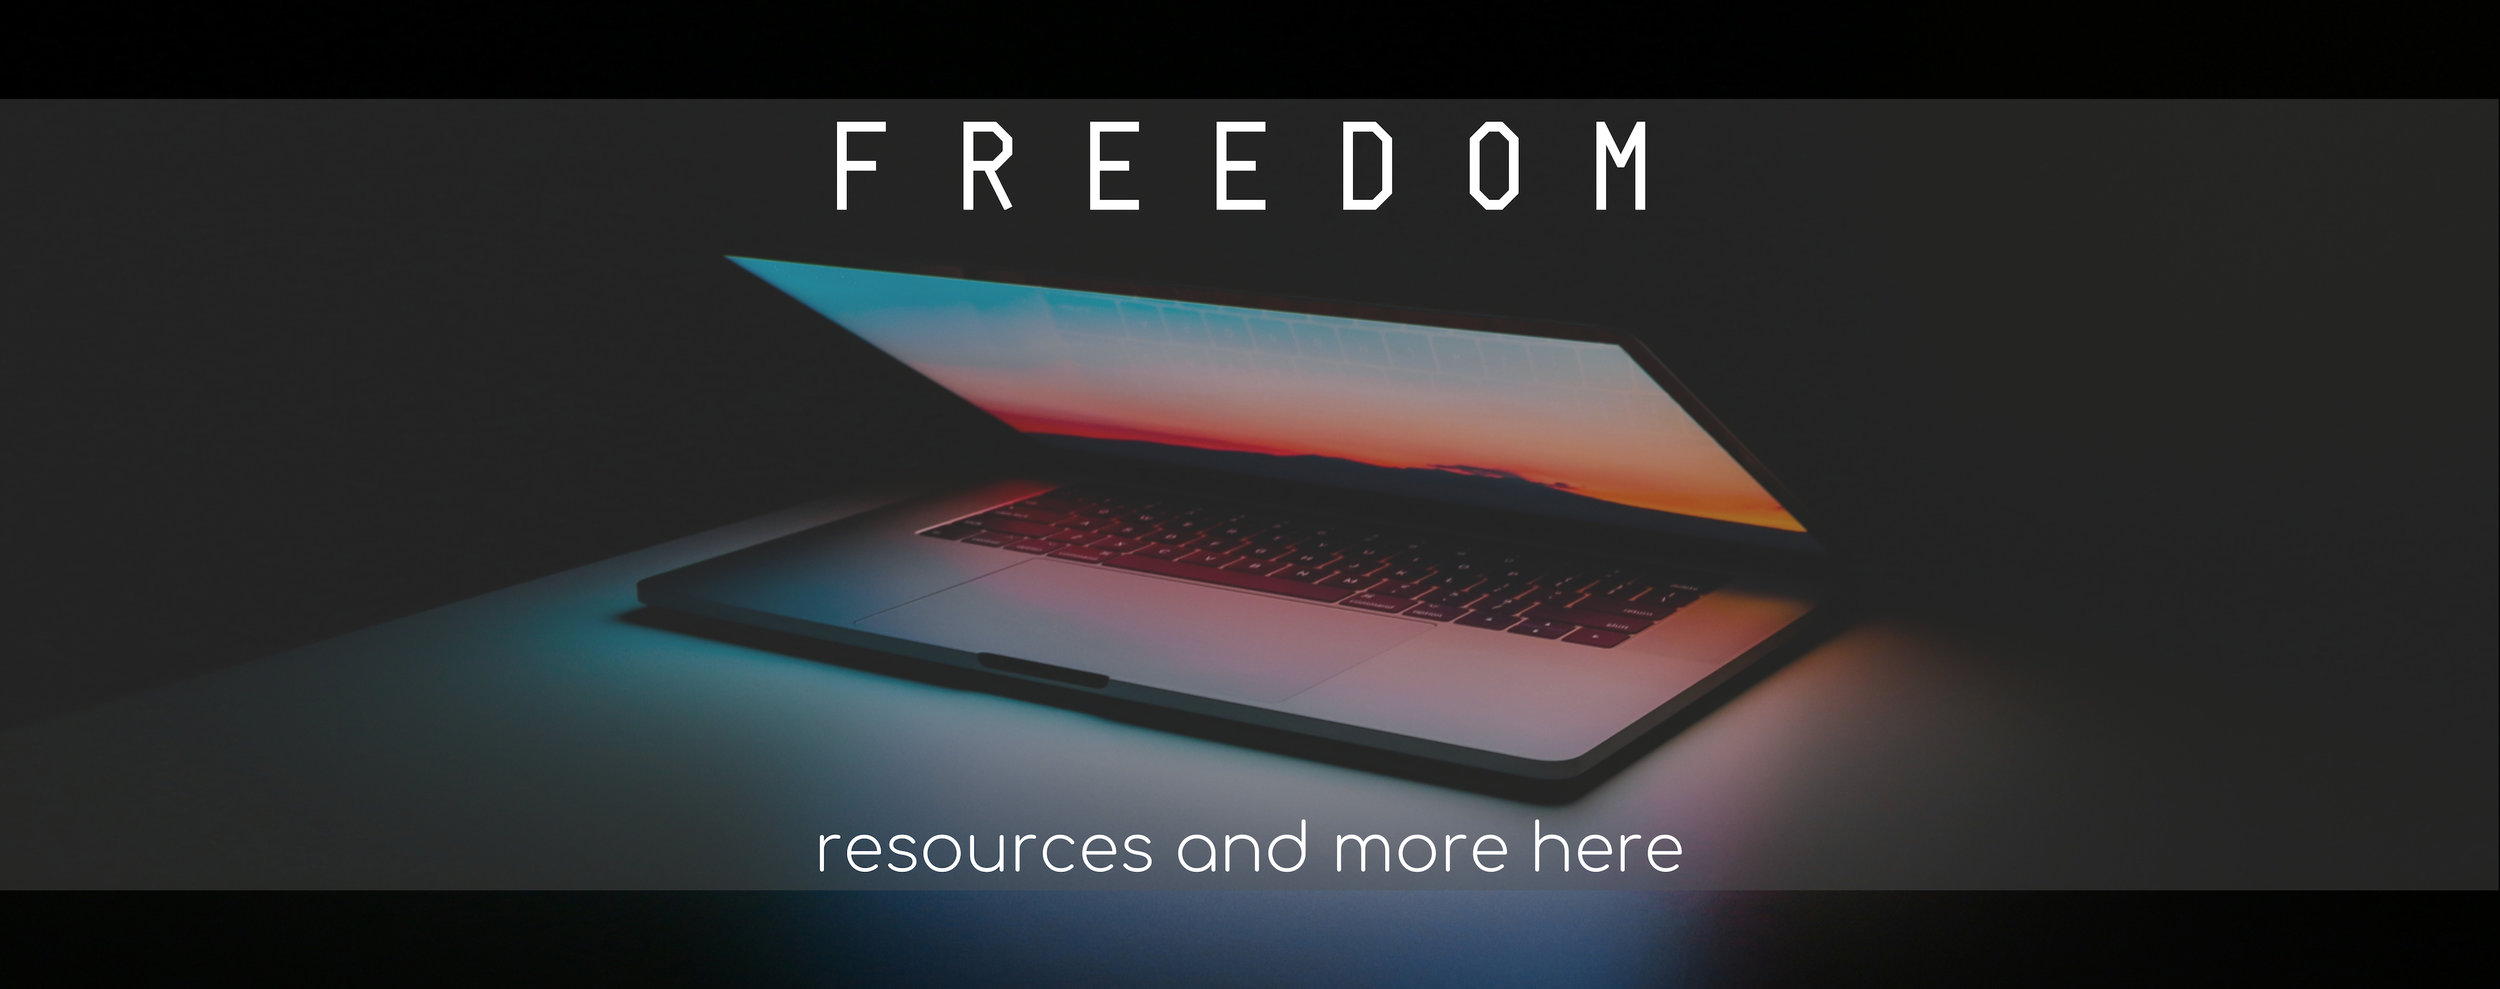 freedom banner.jpg